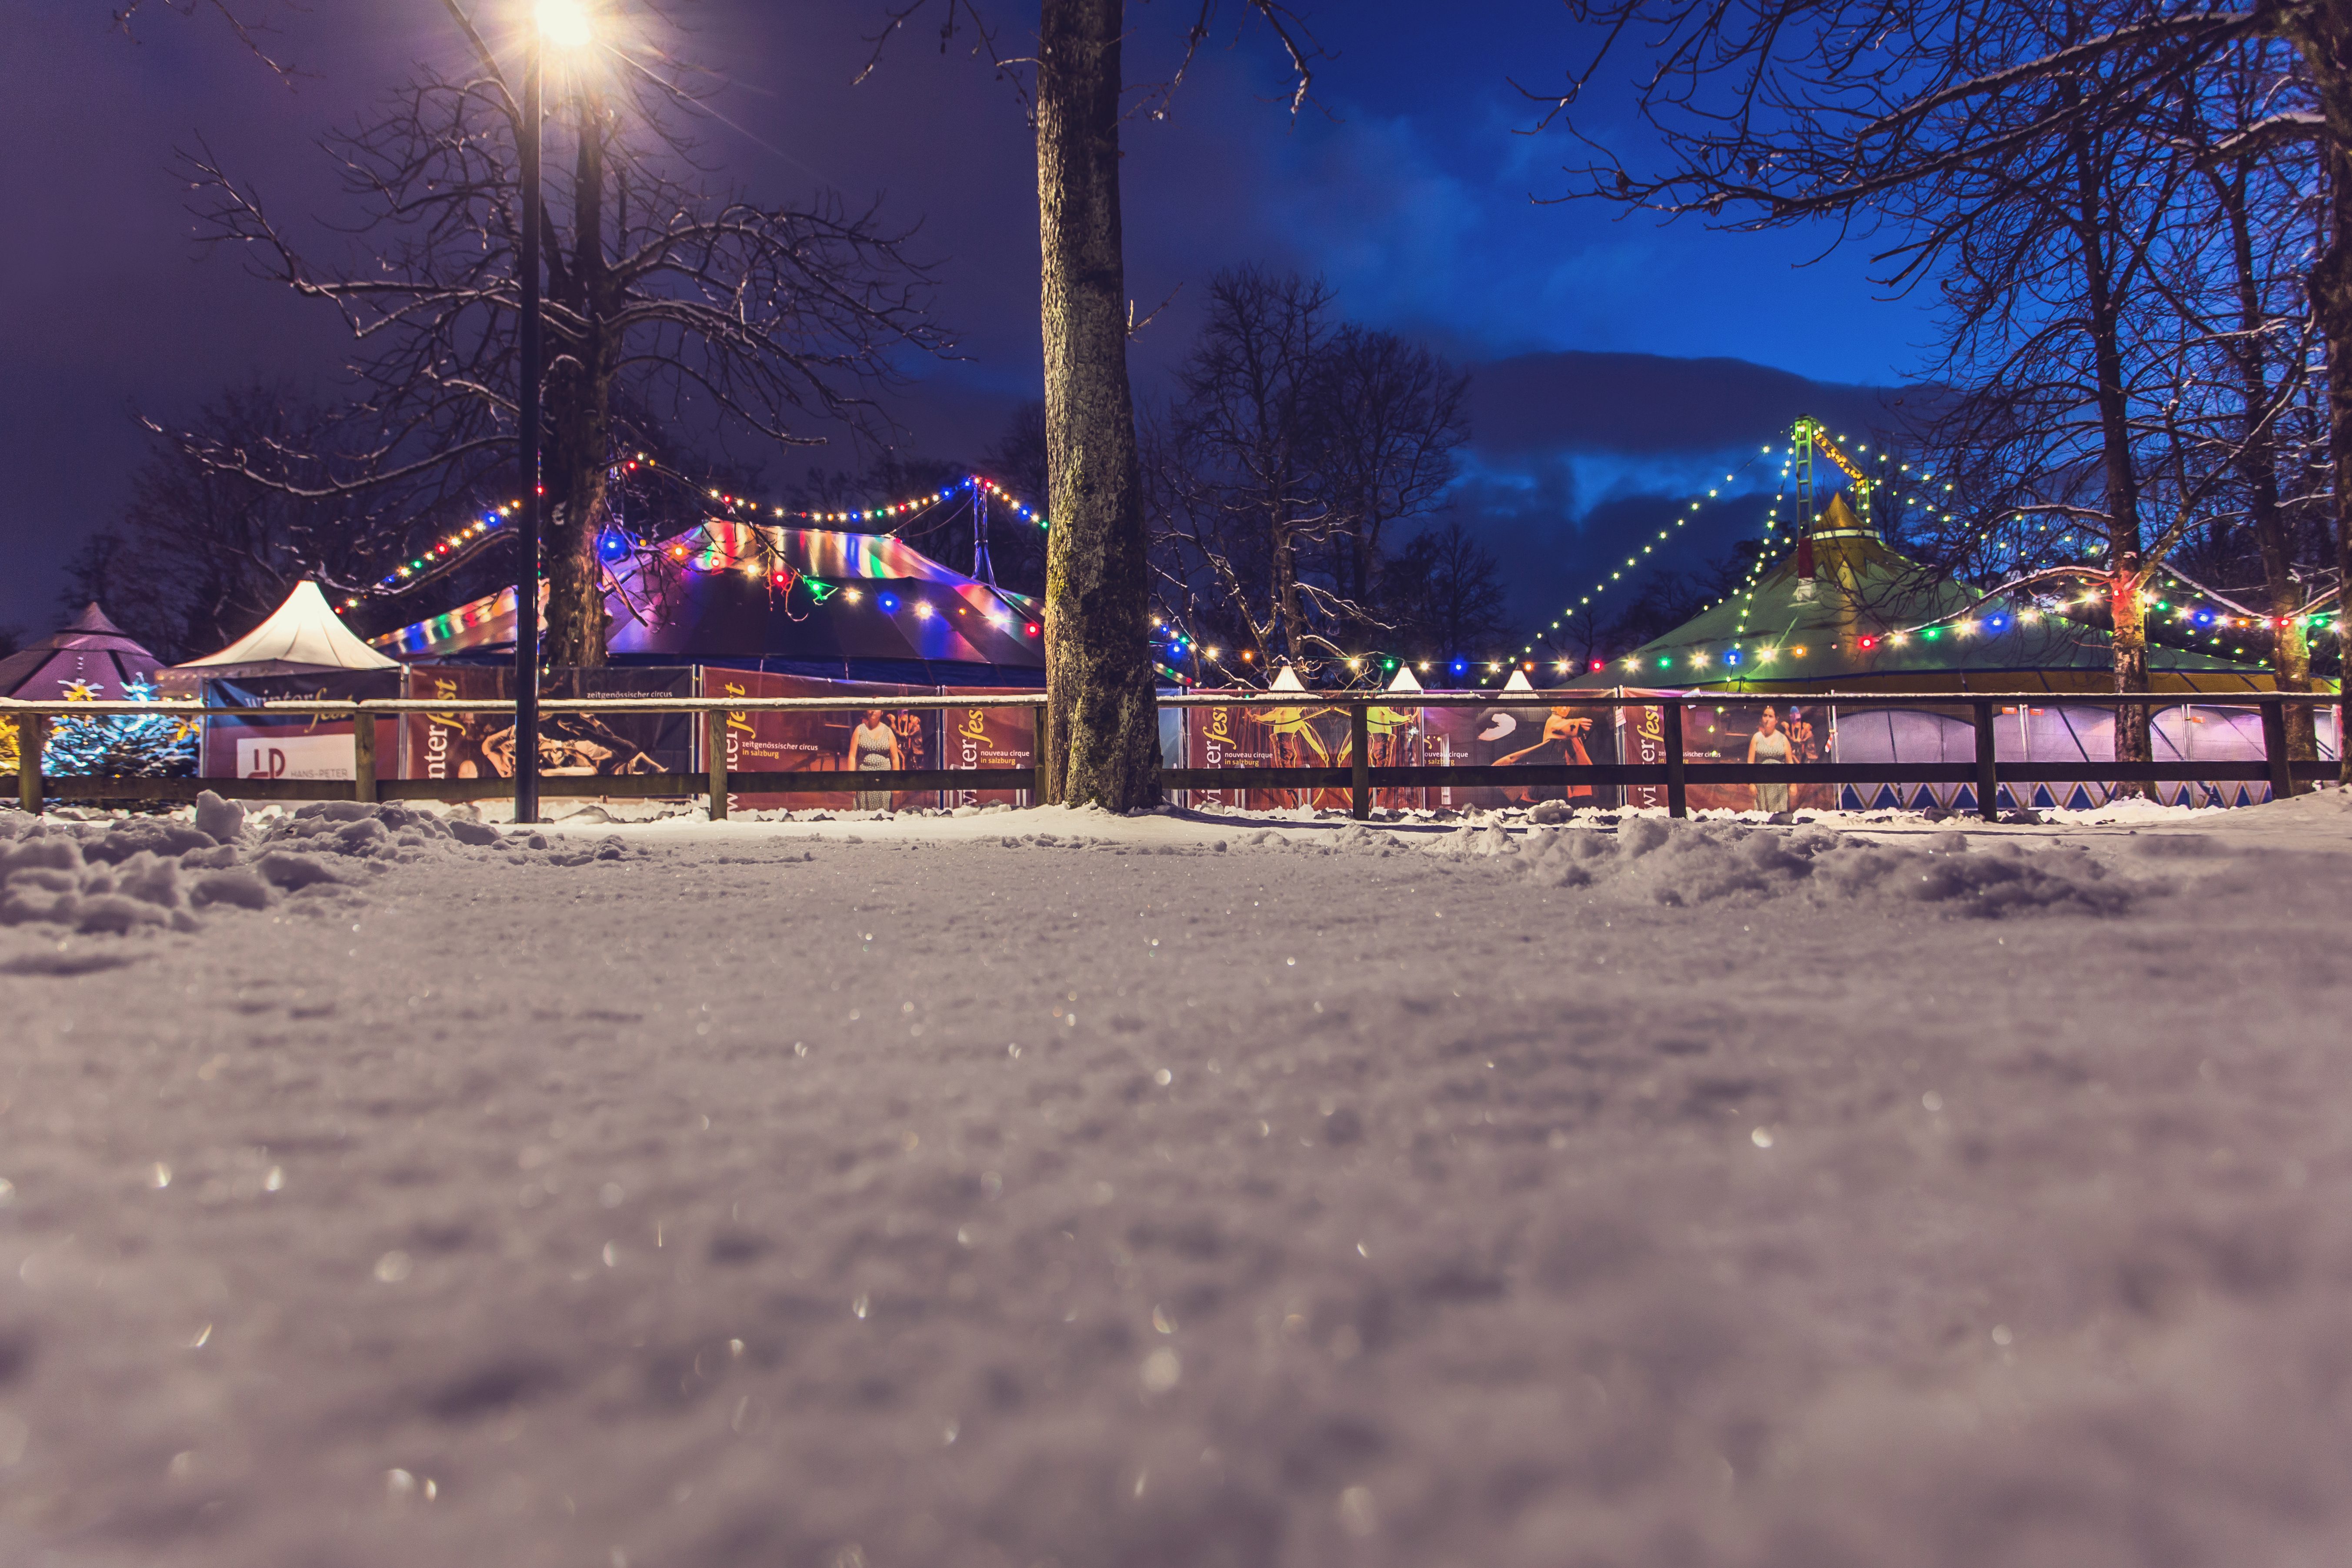 Zirkus-Weihnachten – Das Winterfest in Salzburg